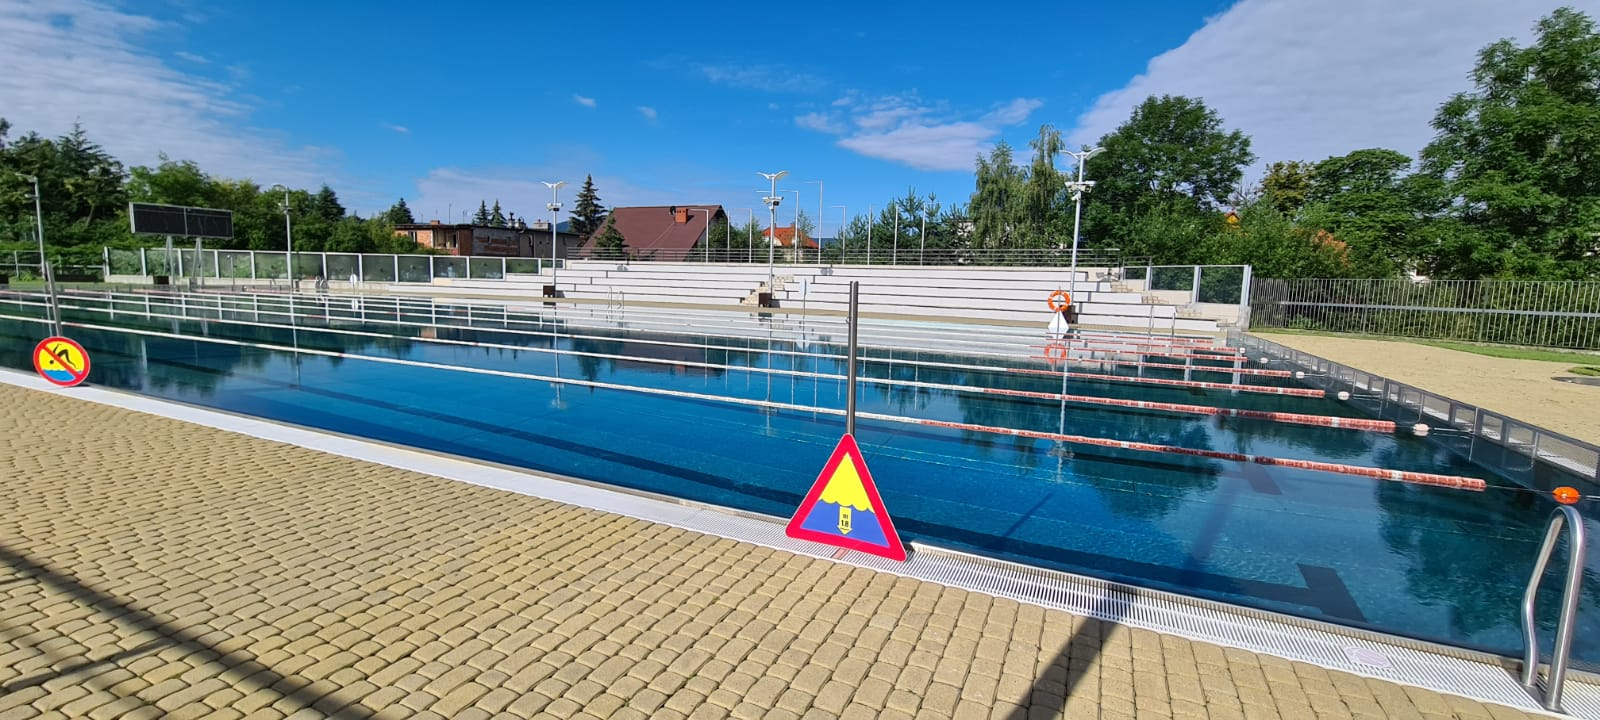 Nowy cennik, limit osób i krótszy sezon, czyli basen w Andrychowie w te wakacje [VIDEO]